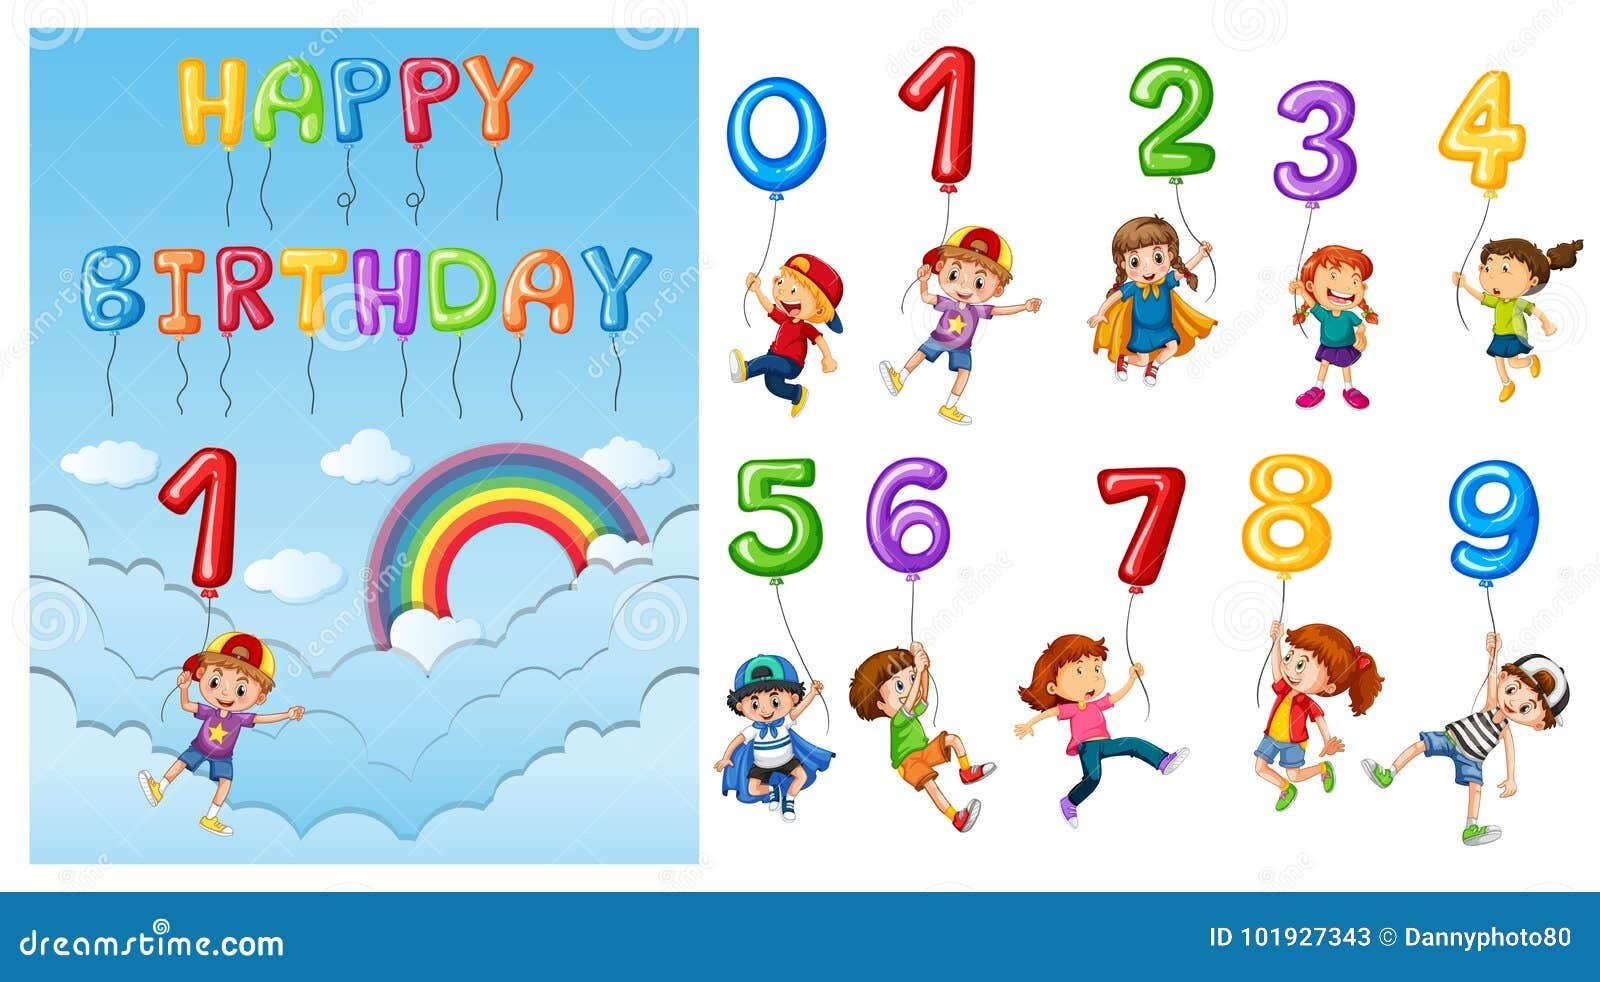 Kinder mit Zahlen und Ballonen